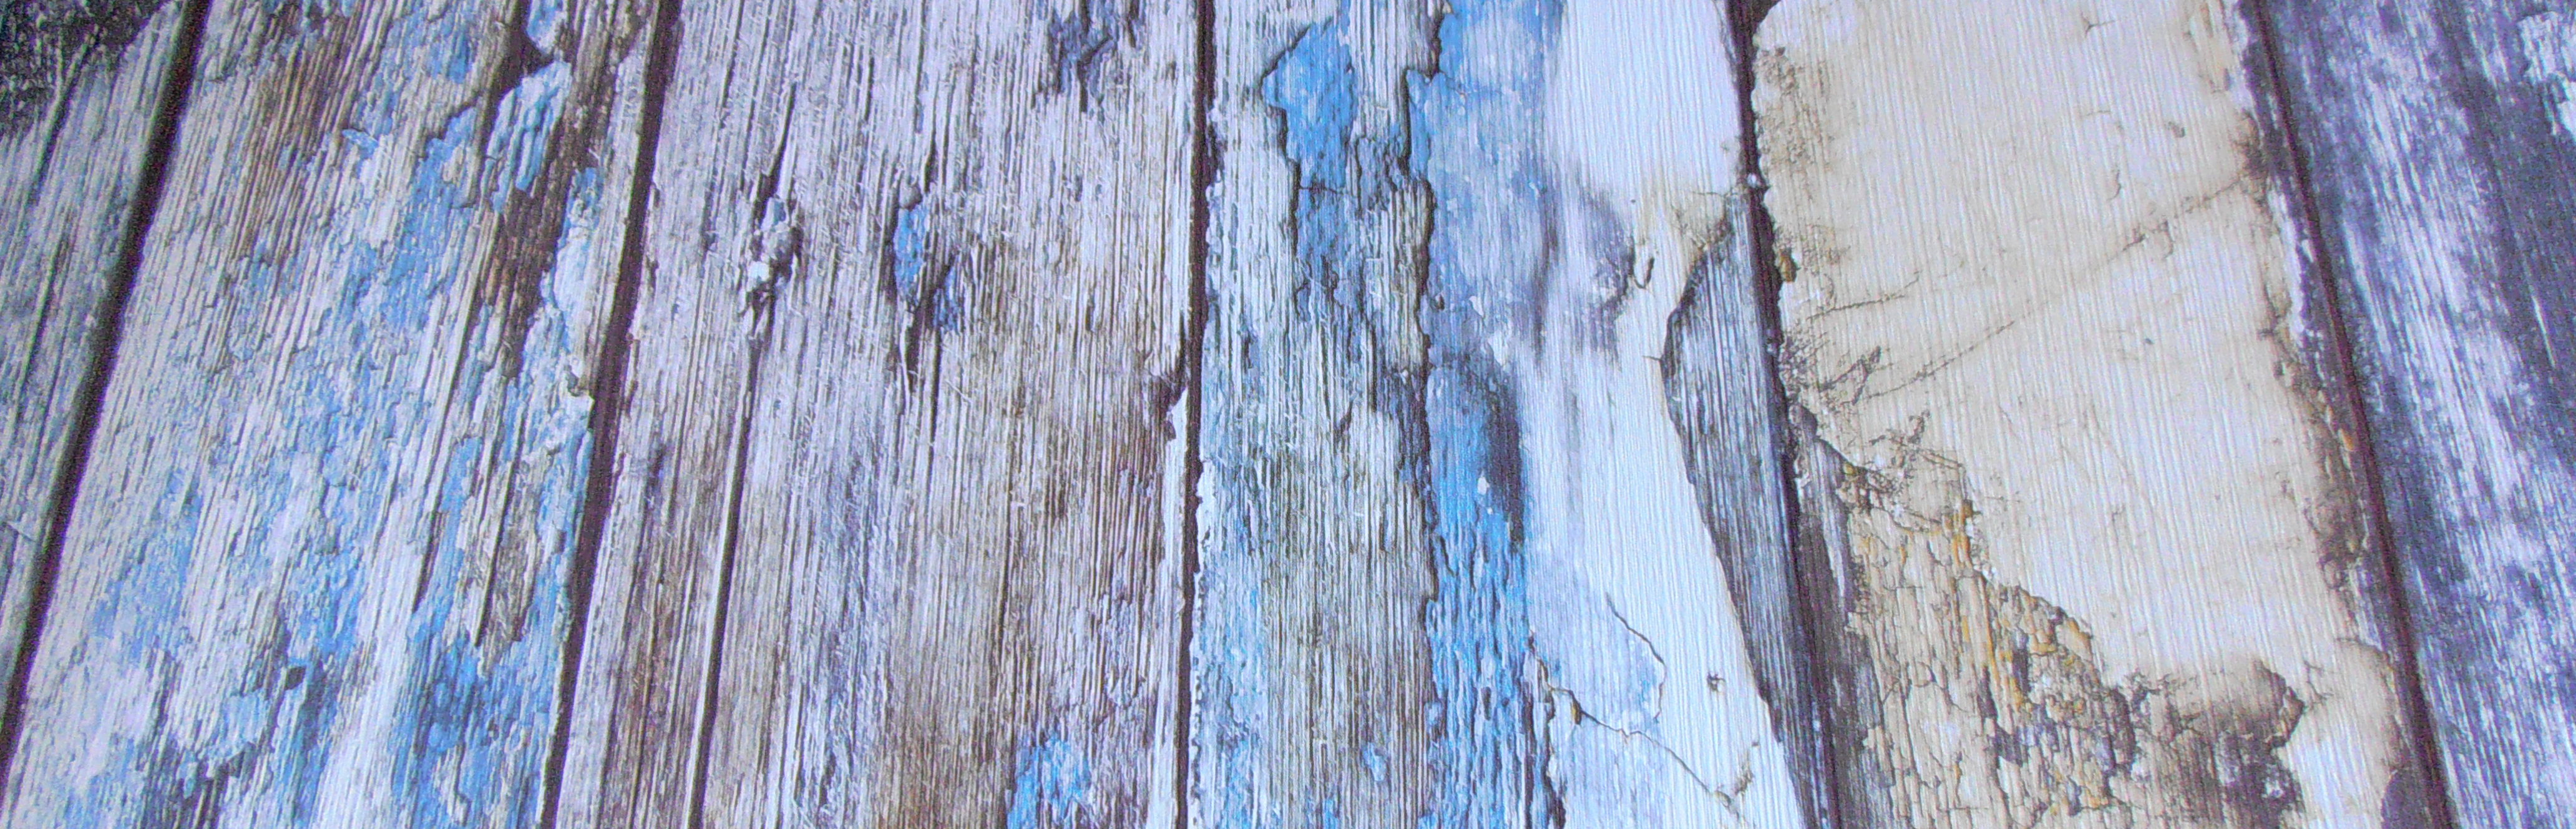 distressed wallpaper wallpapersafari